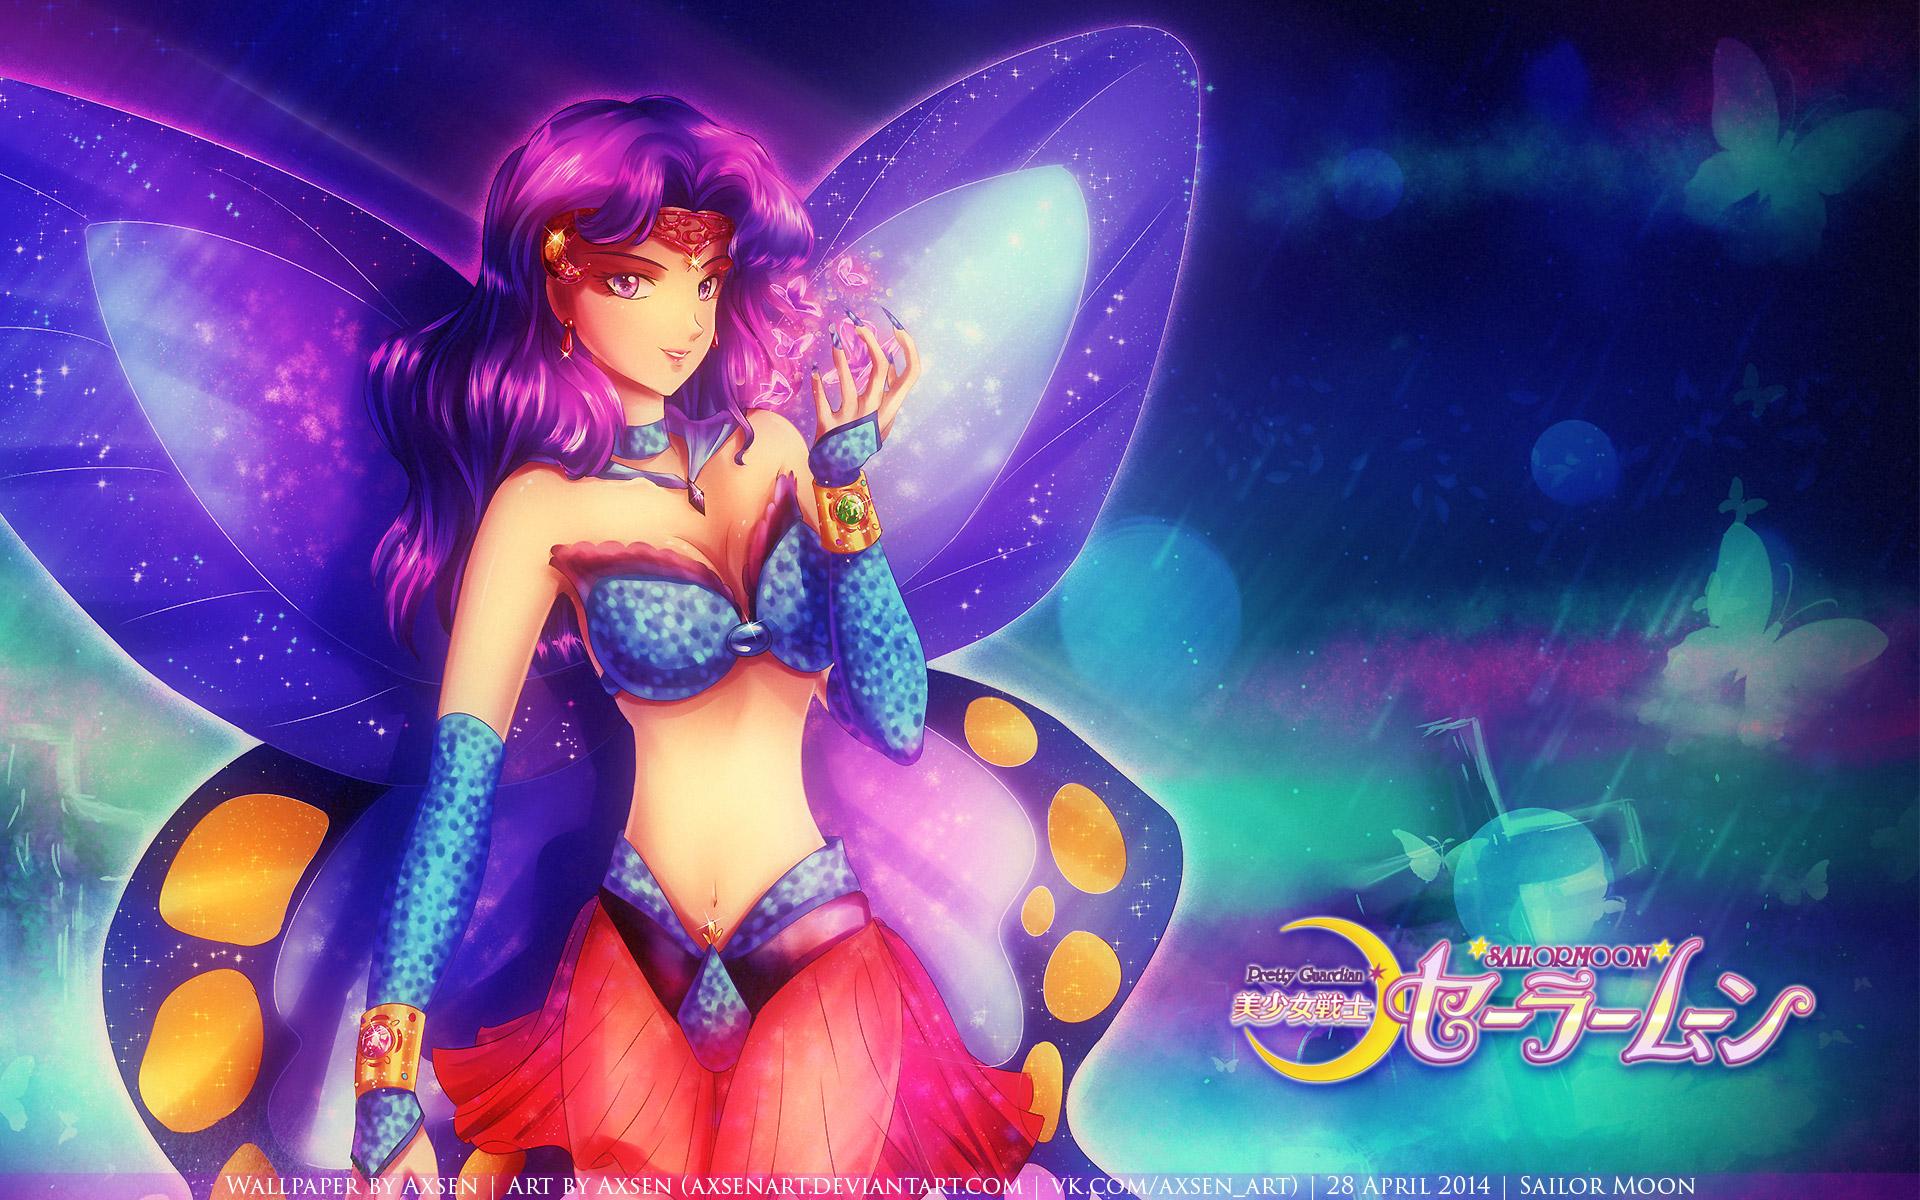 Фотографии Сейлор Мун Бабочки Крылья Аниме Девушки Рисованные 1920x1200 Sailor Moon бабочка девушка молодая женщина молодые женщины